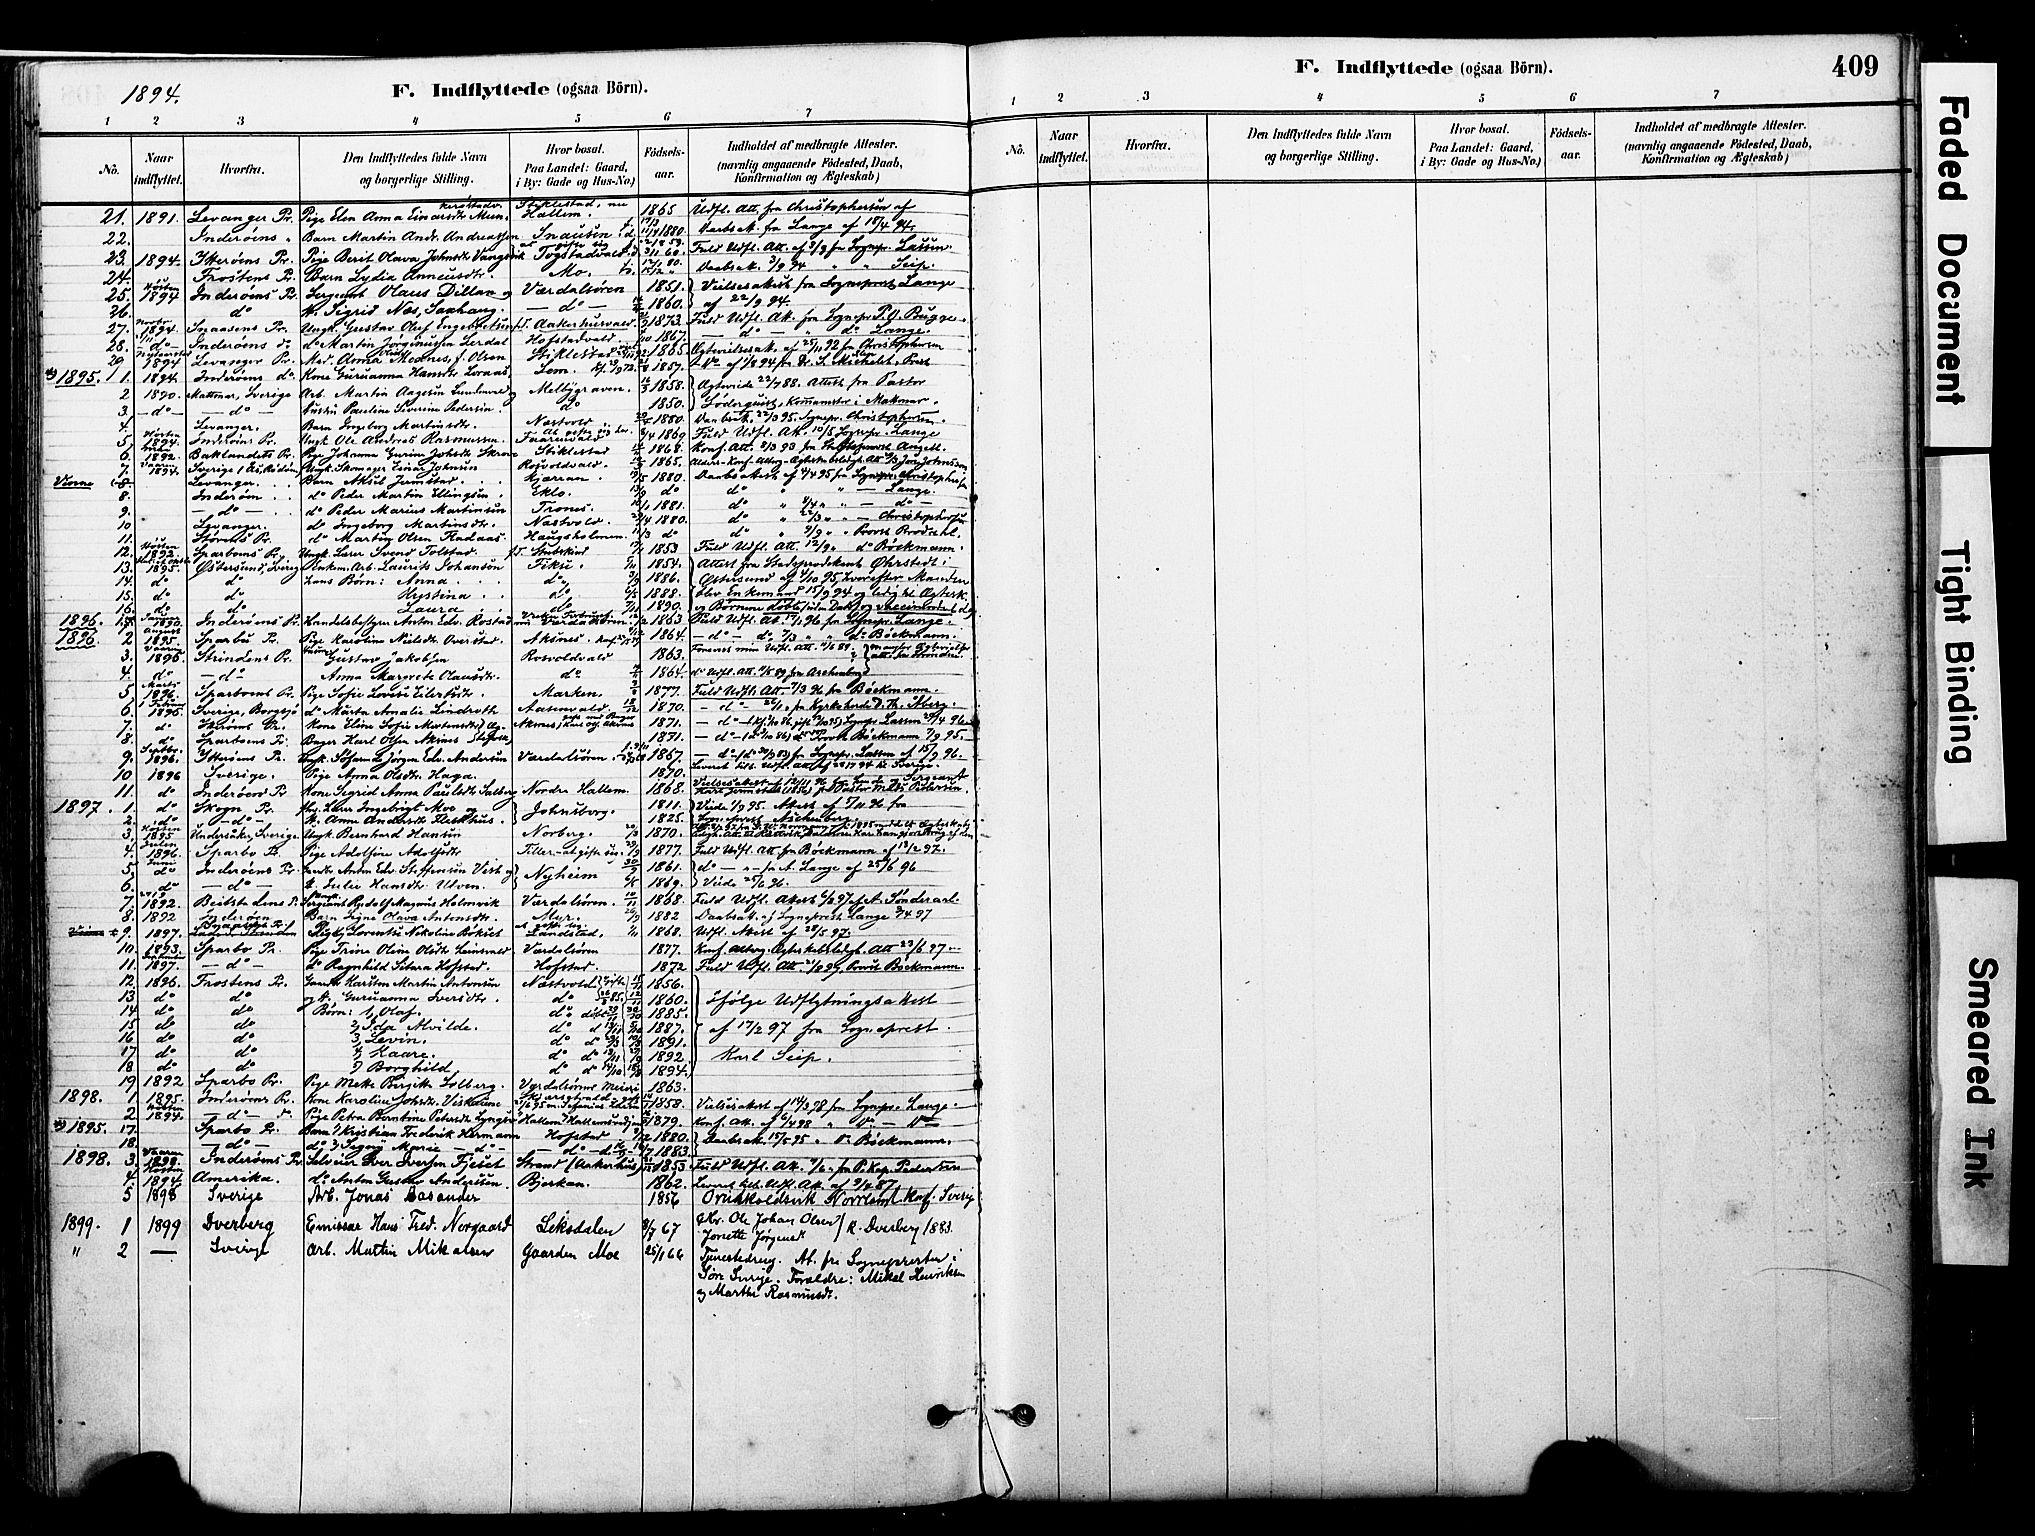 SAT, Ministerialprotokoller, klokkerbøker og fødselsregistre - Nord-Trøndelag, 723/L0244: Ministerialbok nr. 723A13, 1881-1899, s. 409